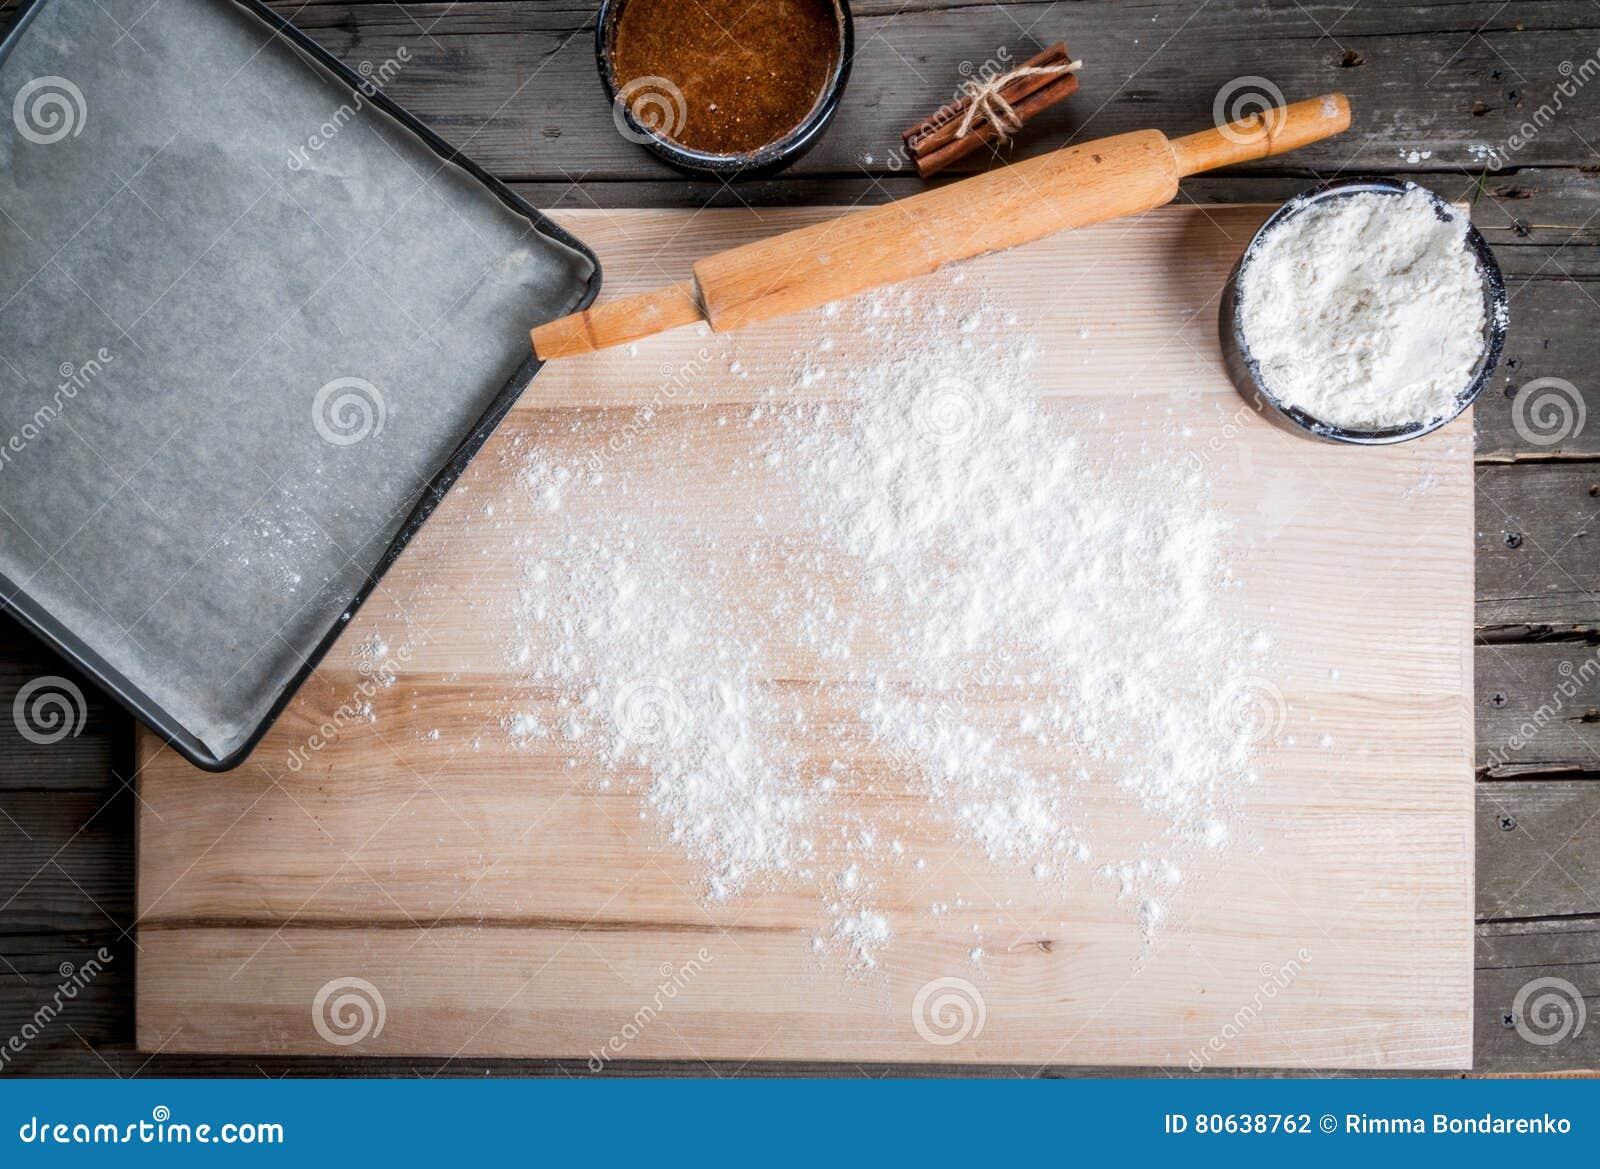 Küchentisch, zum mit dem Teig zu arbeiten